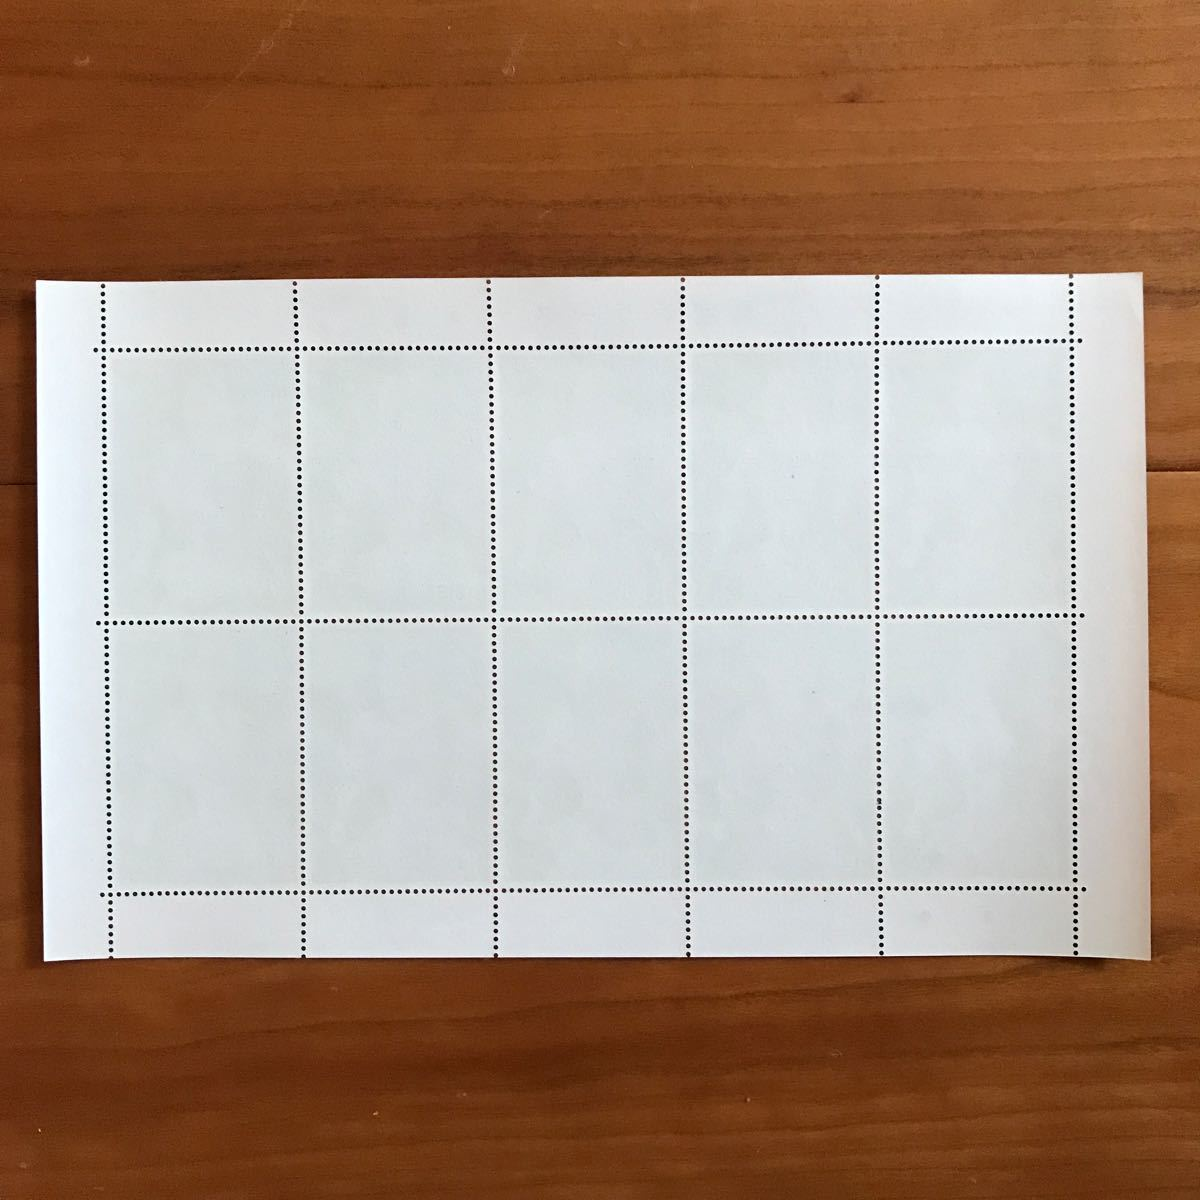 【切手シート】国宝シリーズ 第1集 執金剛神立像 大蔵省印刷局製造